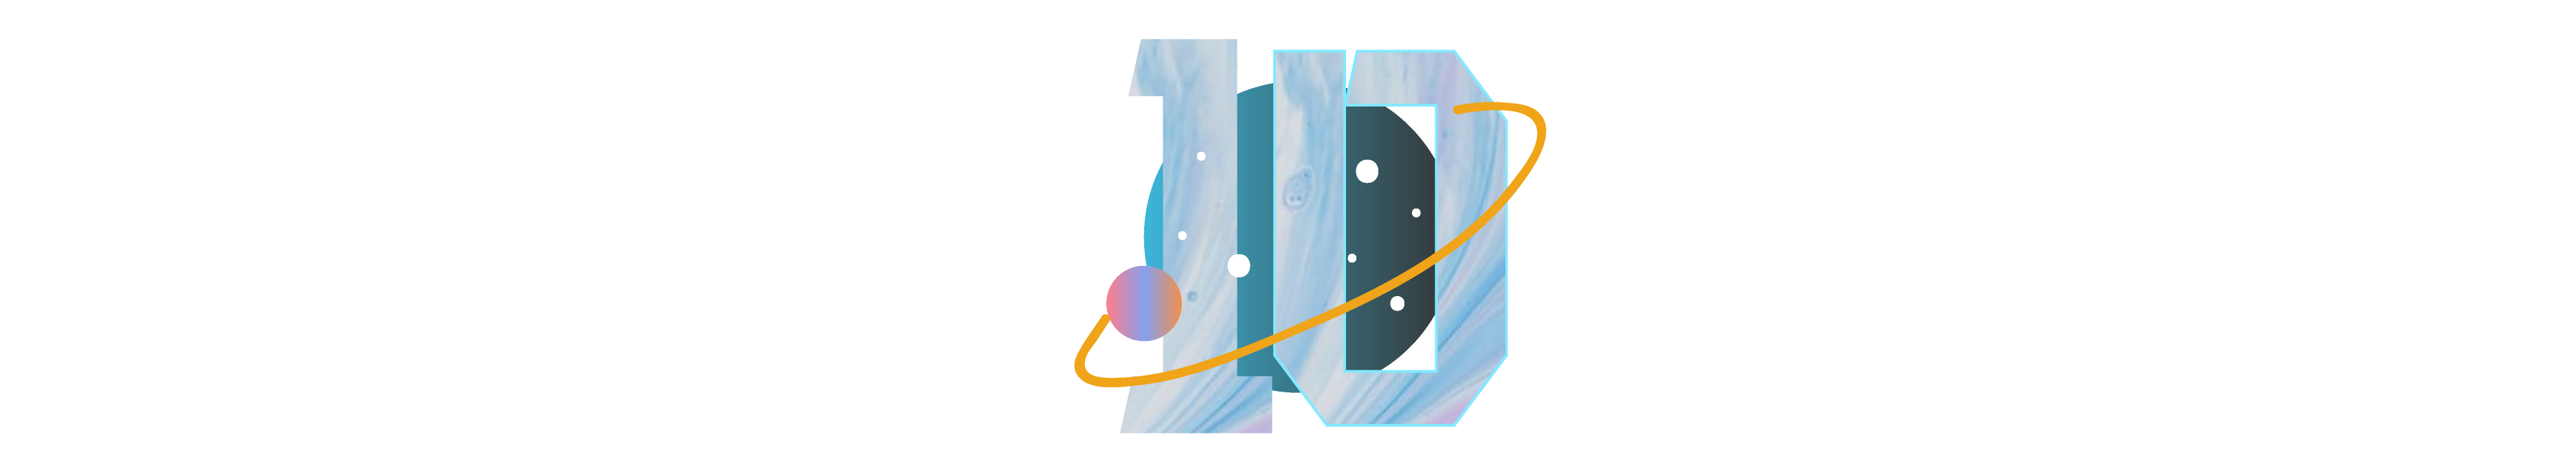 2021年6月十二星座塔罗运势,2021年运势最好的星座  第21张